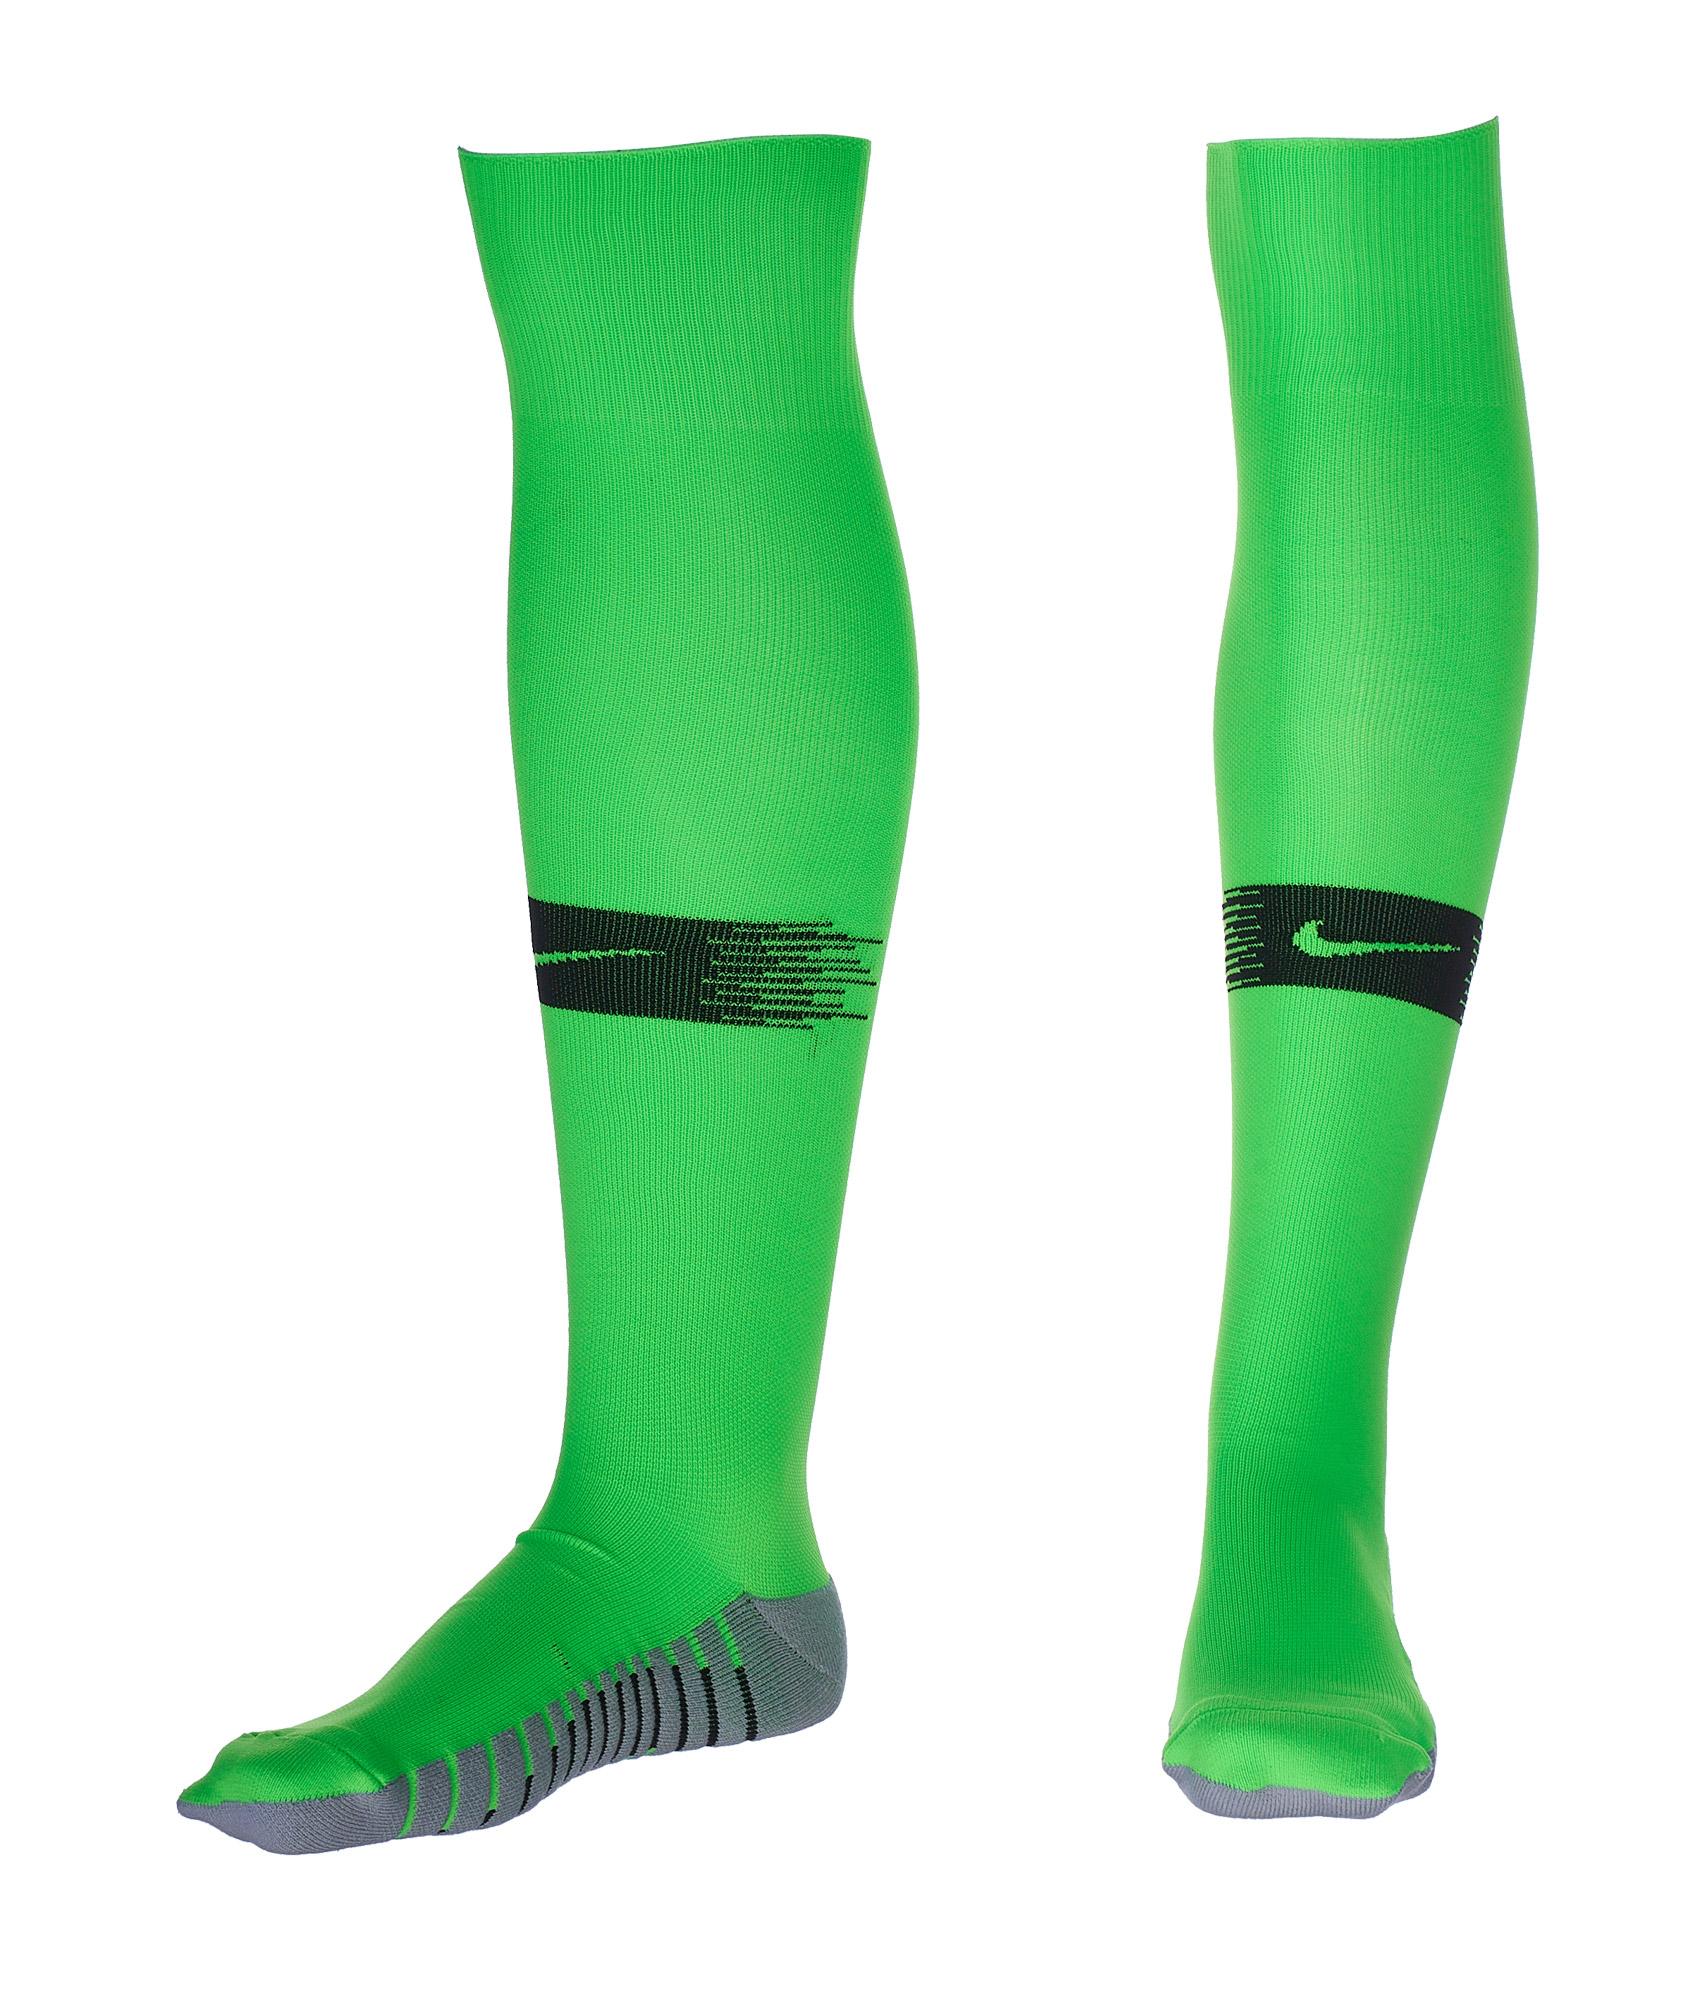 Гетры вратарские Nike сезона 2018/2019 Nike Цвет-Зеленый